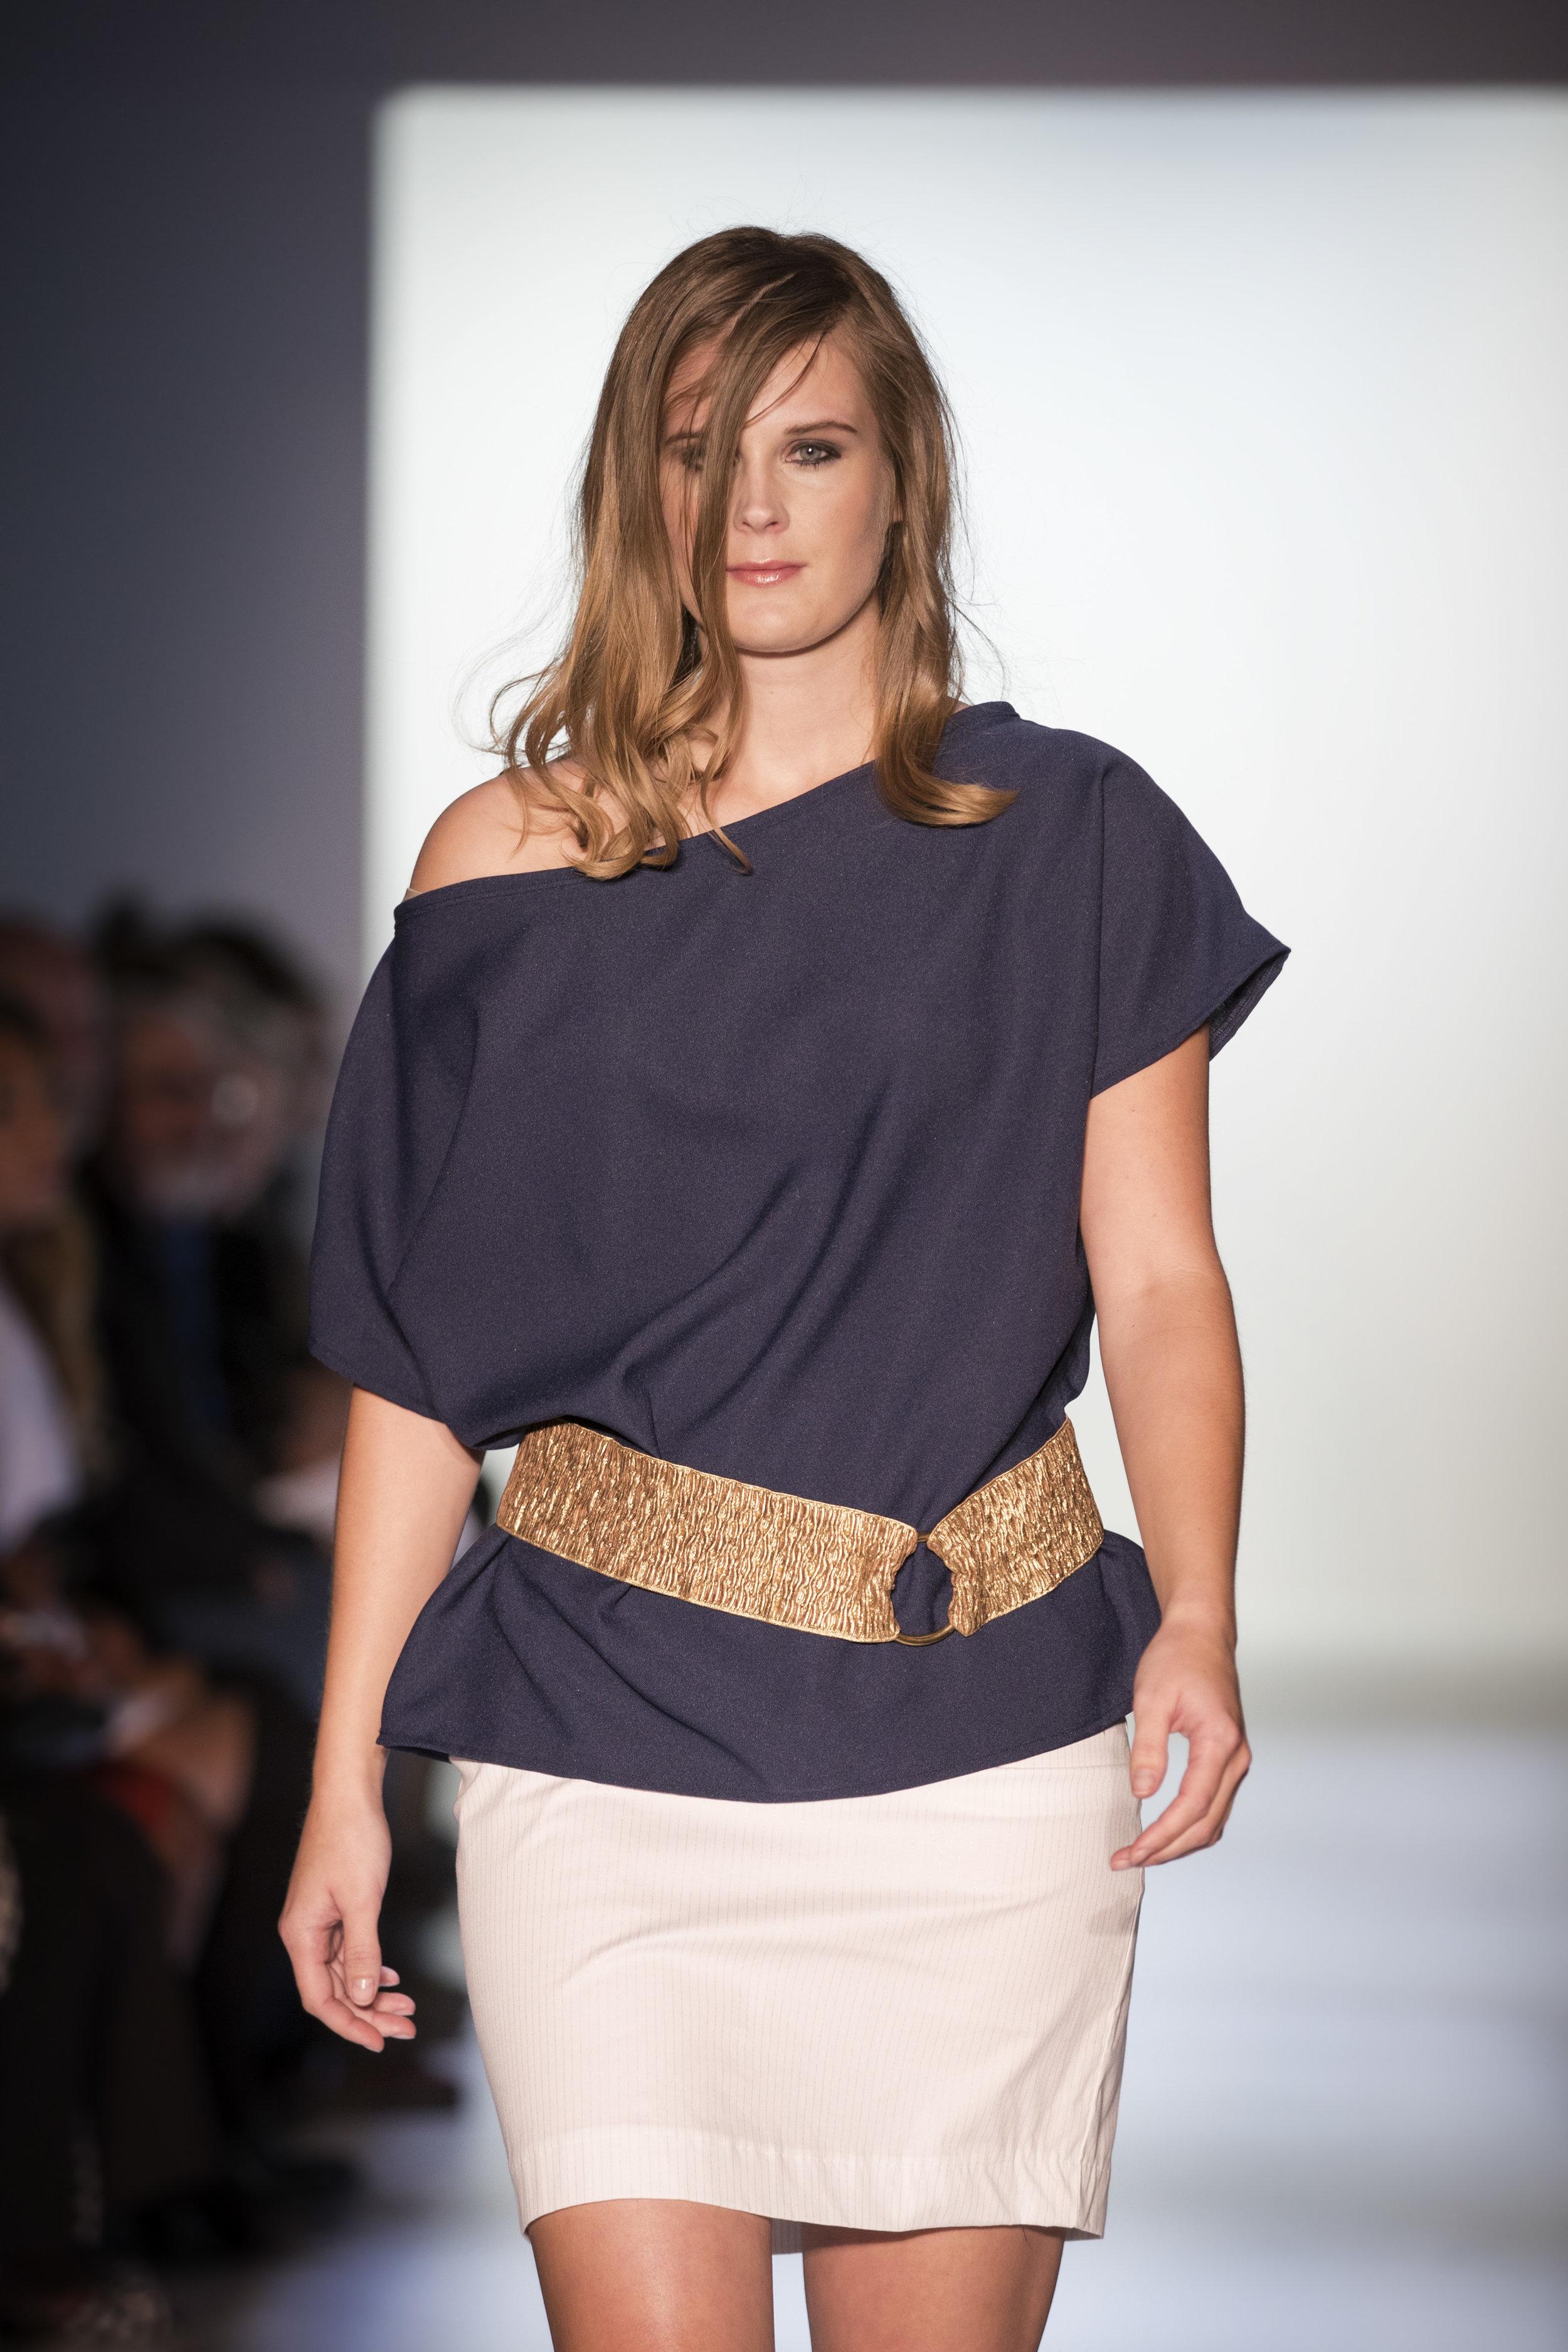 Massif Fashion Week 2017 Day 3 Stephanie Carlson - 020.jpg